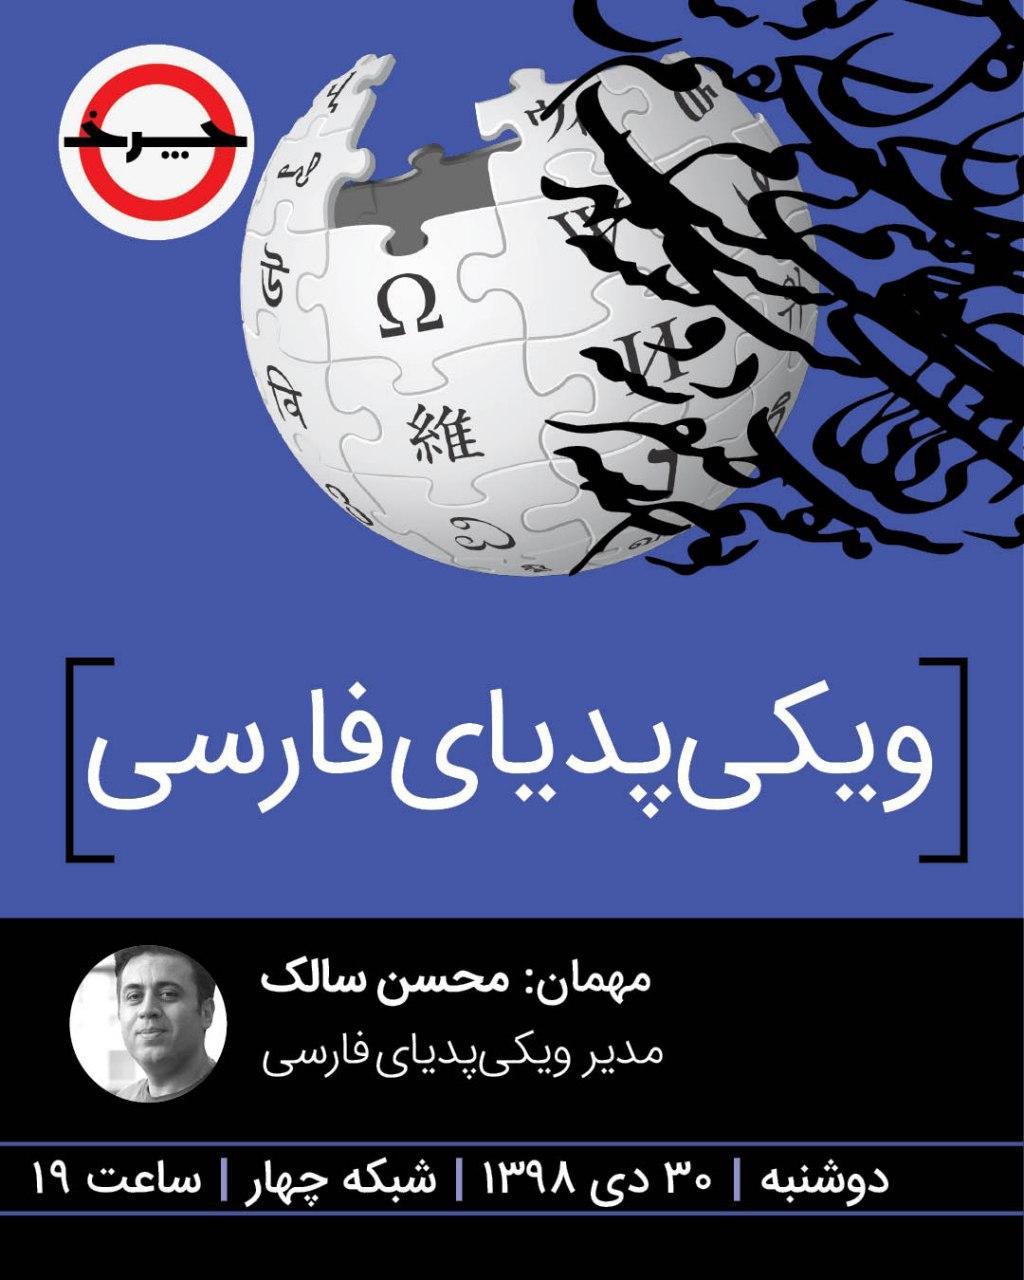 ویکیپدیای فارسی زیر ذرهبین «چرخ»